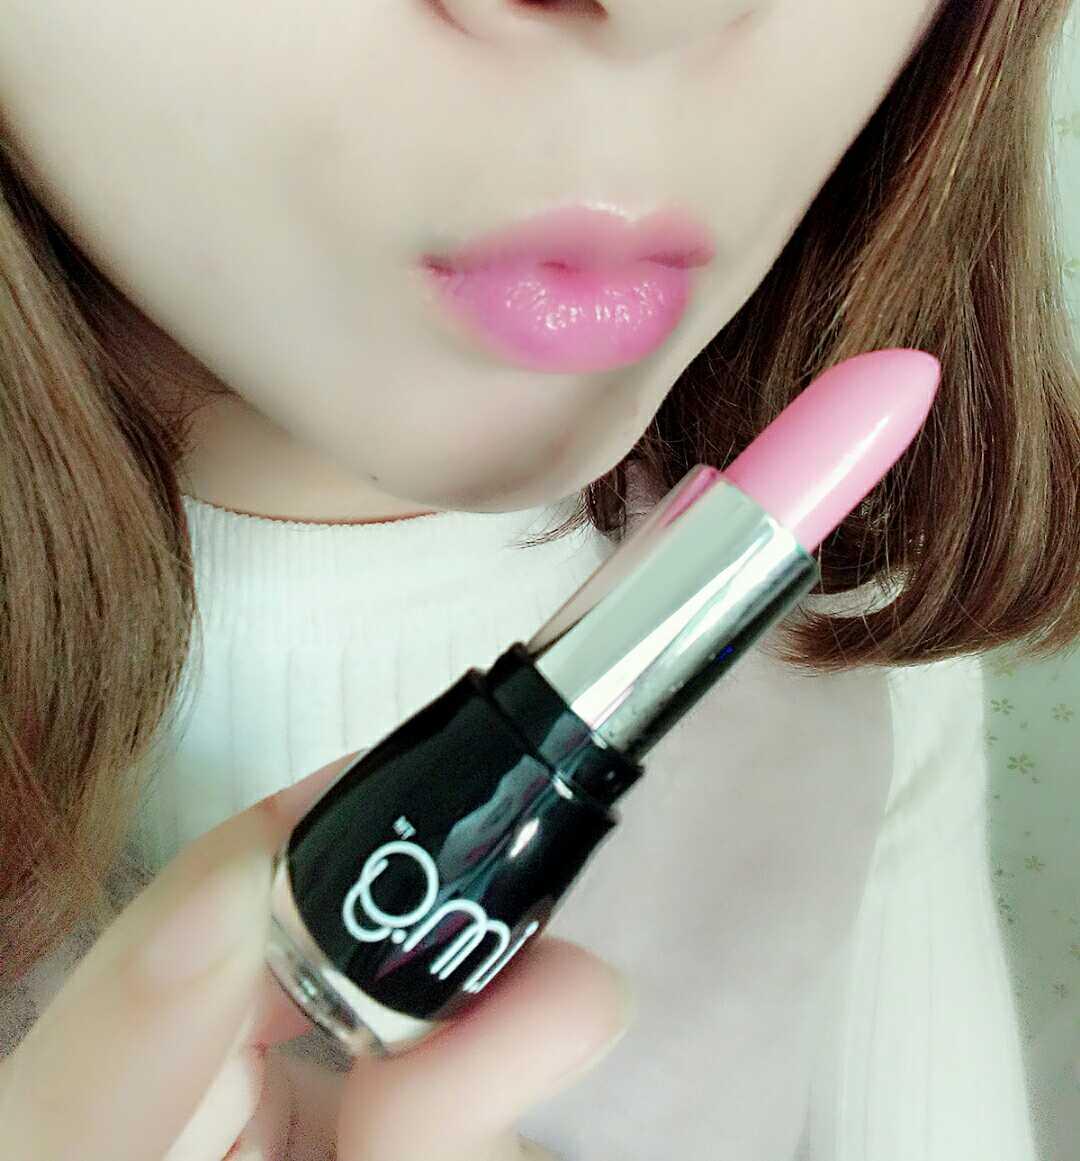 正品爱美肌img小黑管滋润变色口红粉色保湿滋润唇膏孕妇可用安全